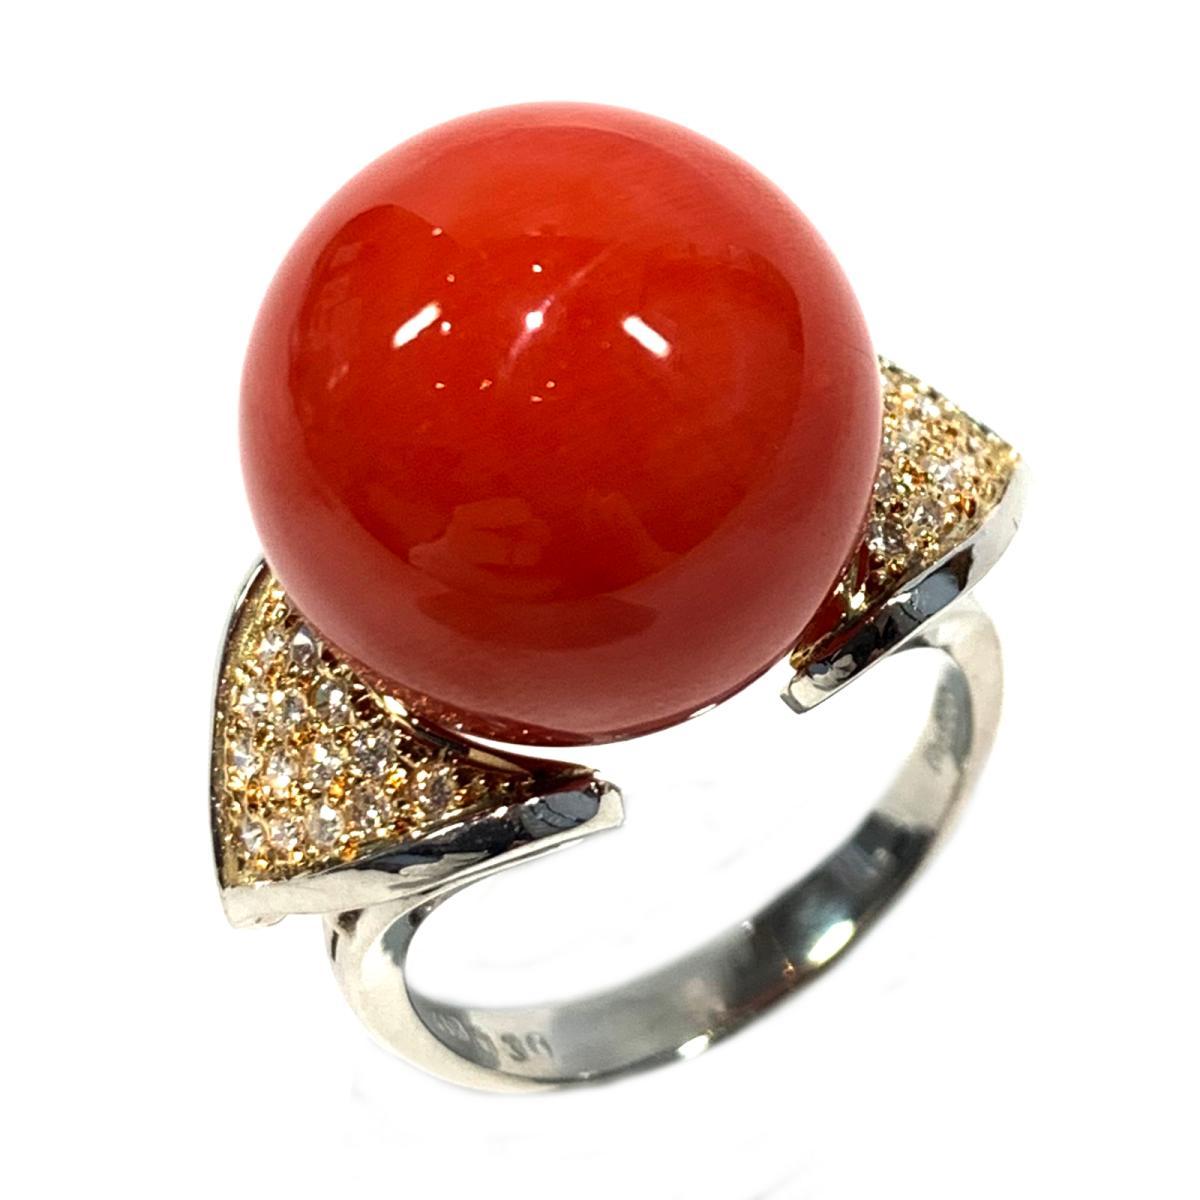 【中古】 ジュエリー サンゴリング 指輪 レディース PT900 プラチナ x K18 ダイヤモンド0.30ct レッド クリアー ゴールド シルバー   JEWELRY BRANDOFF ブランドオフ ブランド アクセサリー リング